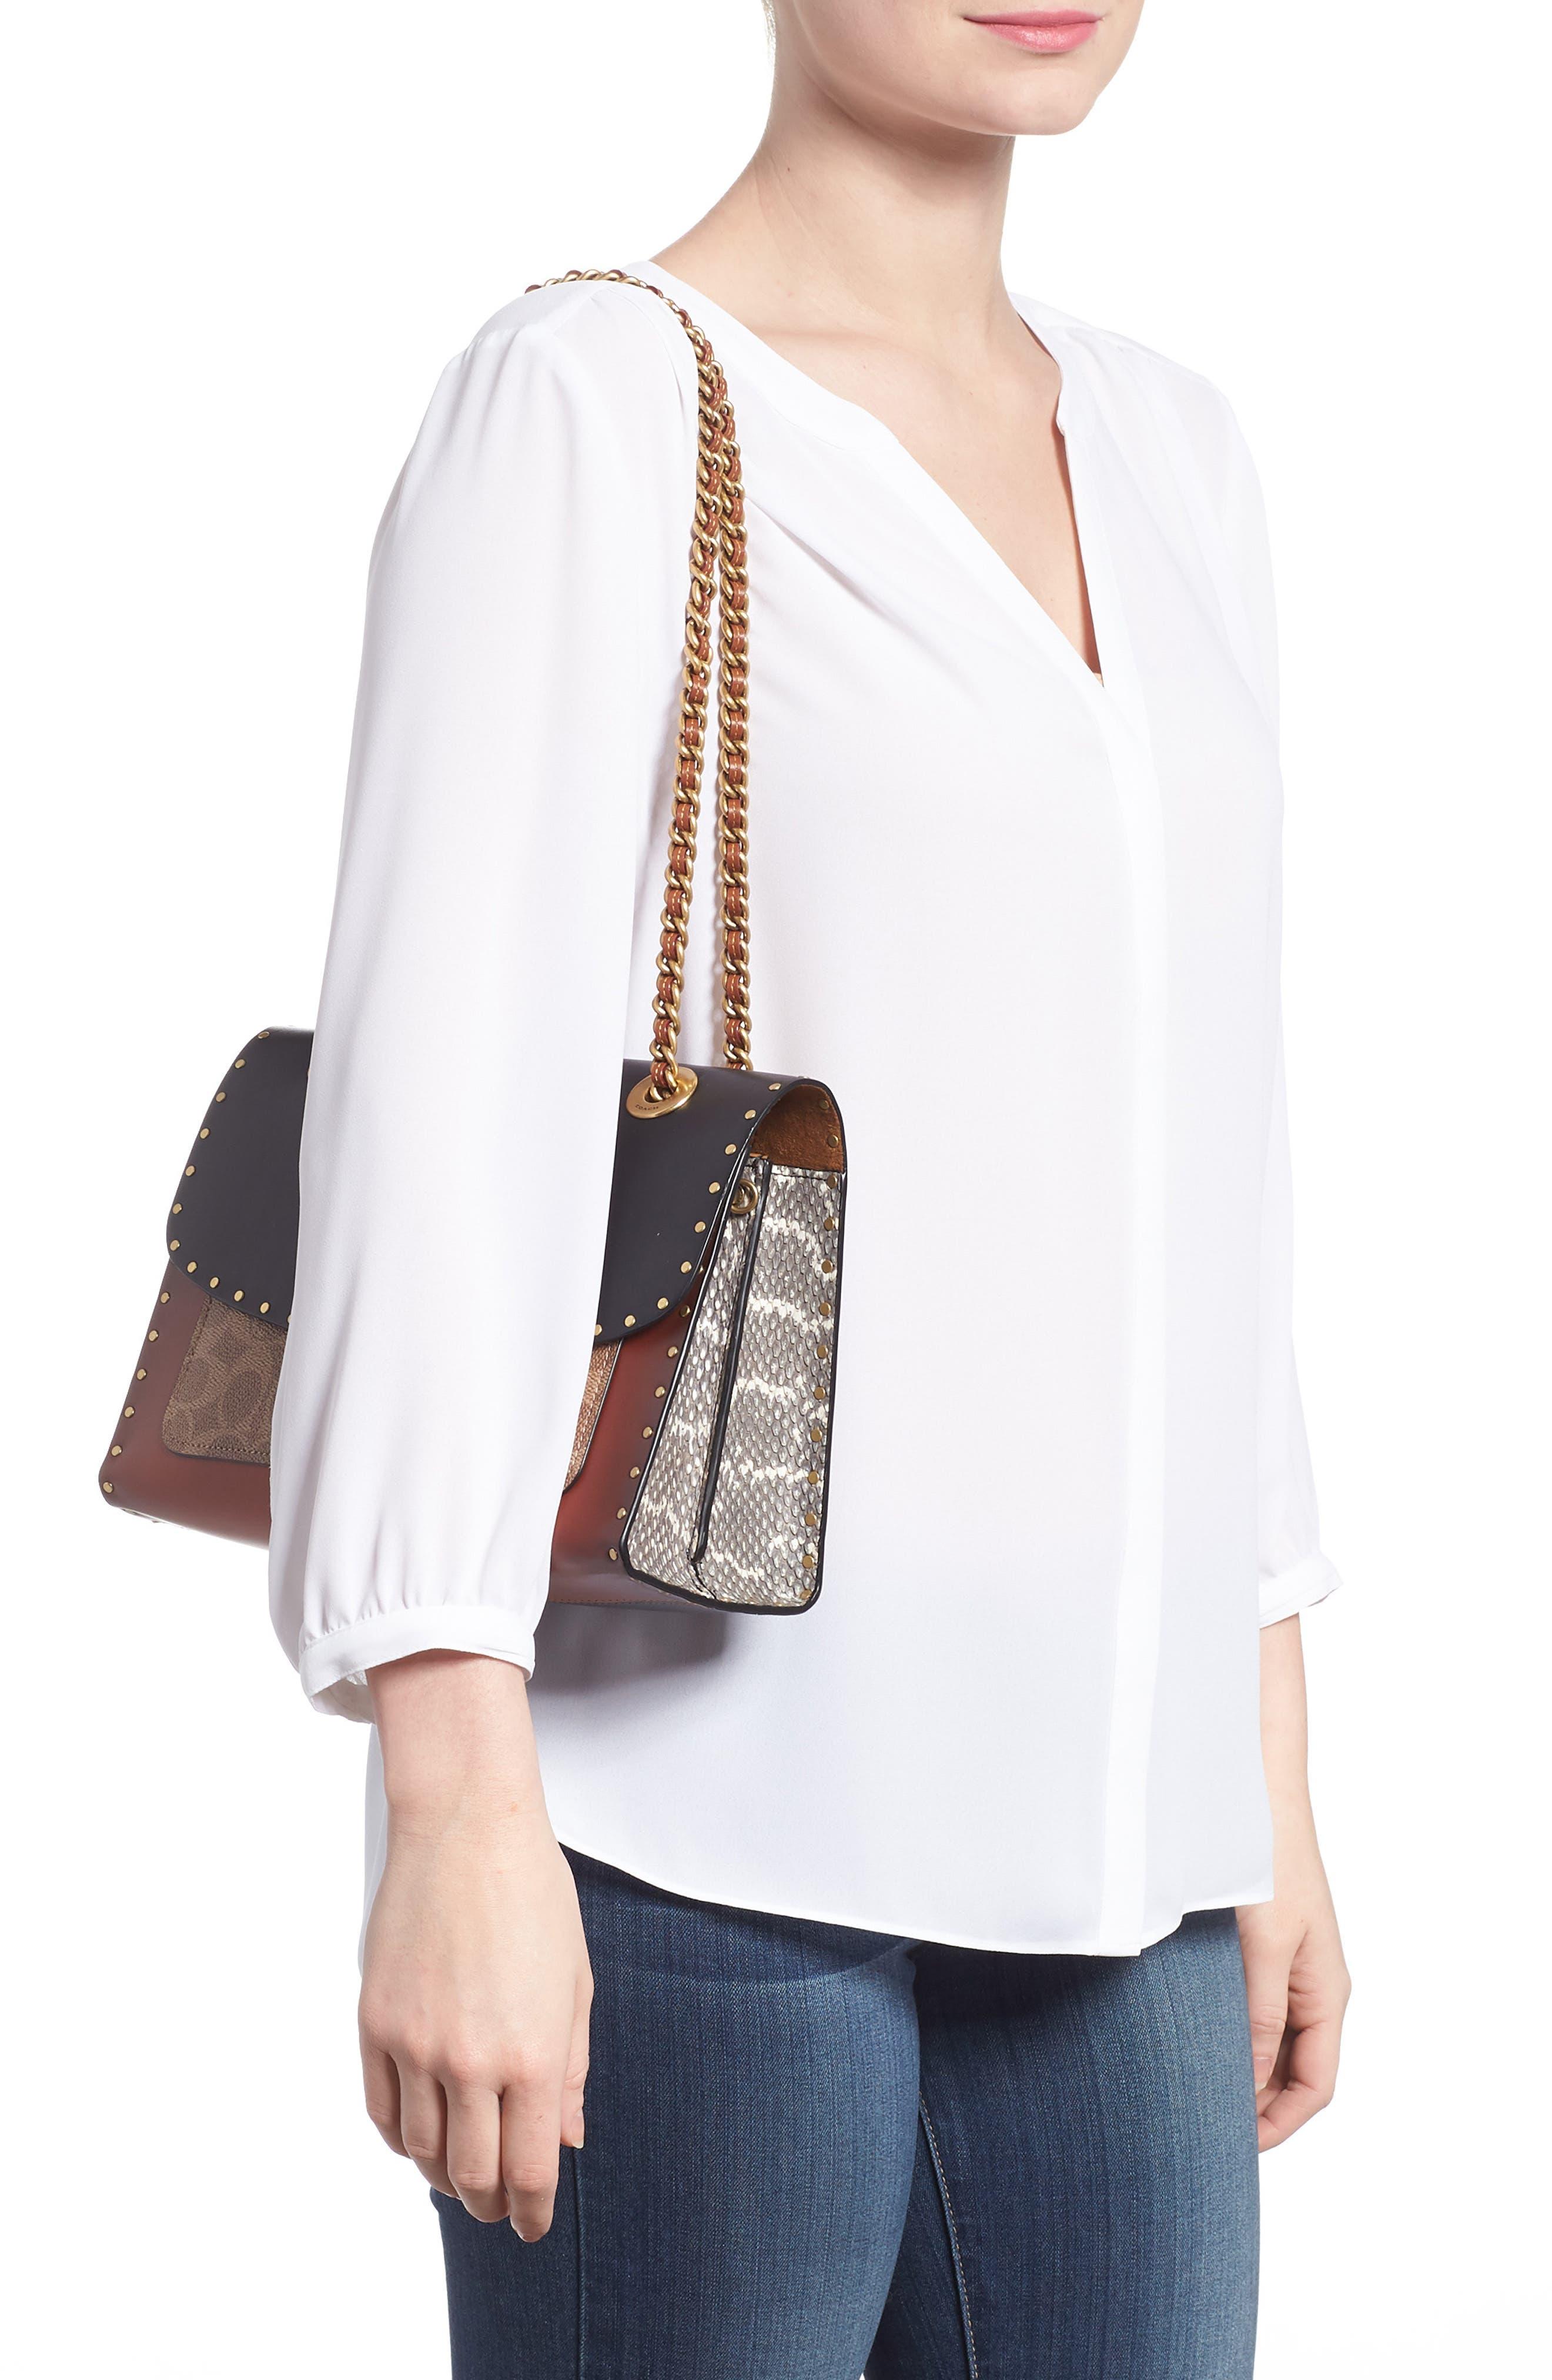 COACH, Parker Leather & Genuine Snakeskin Shoulder Bag, Alternate thumbnail 2, color, BLACK MULTI